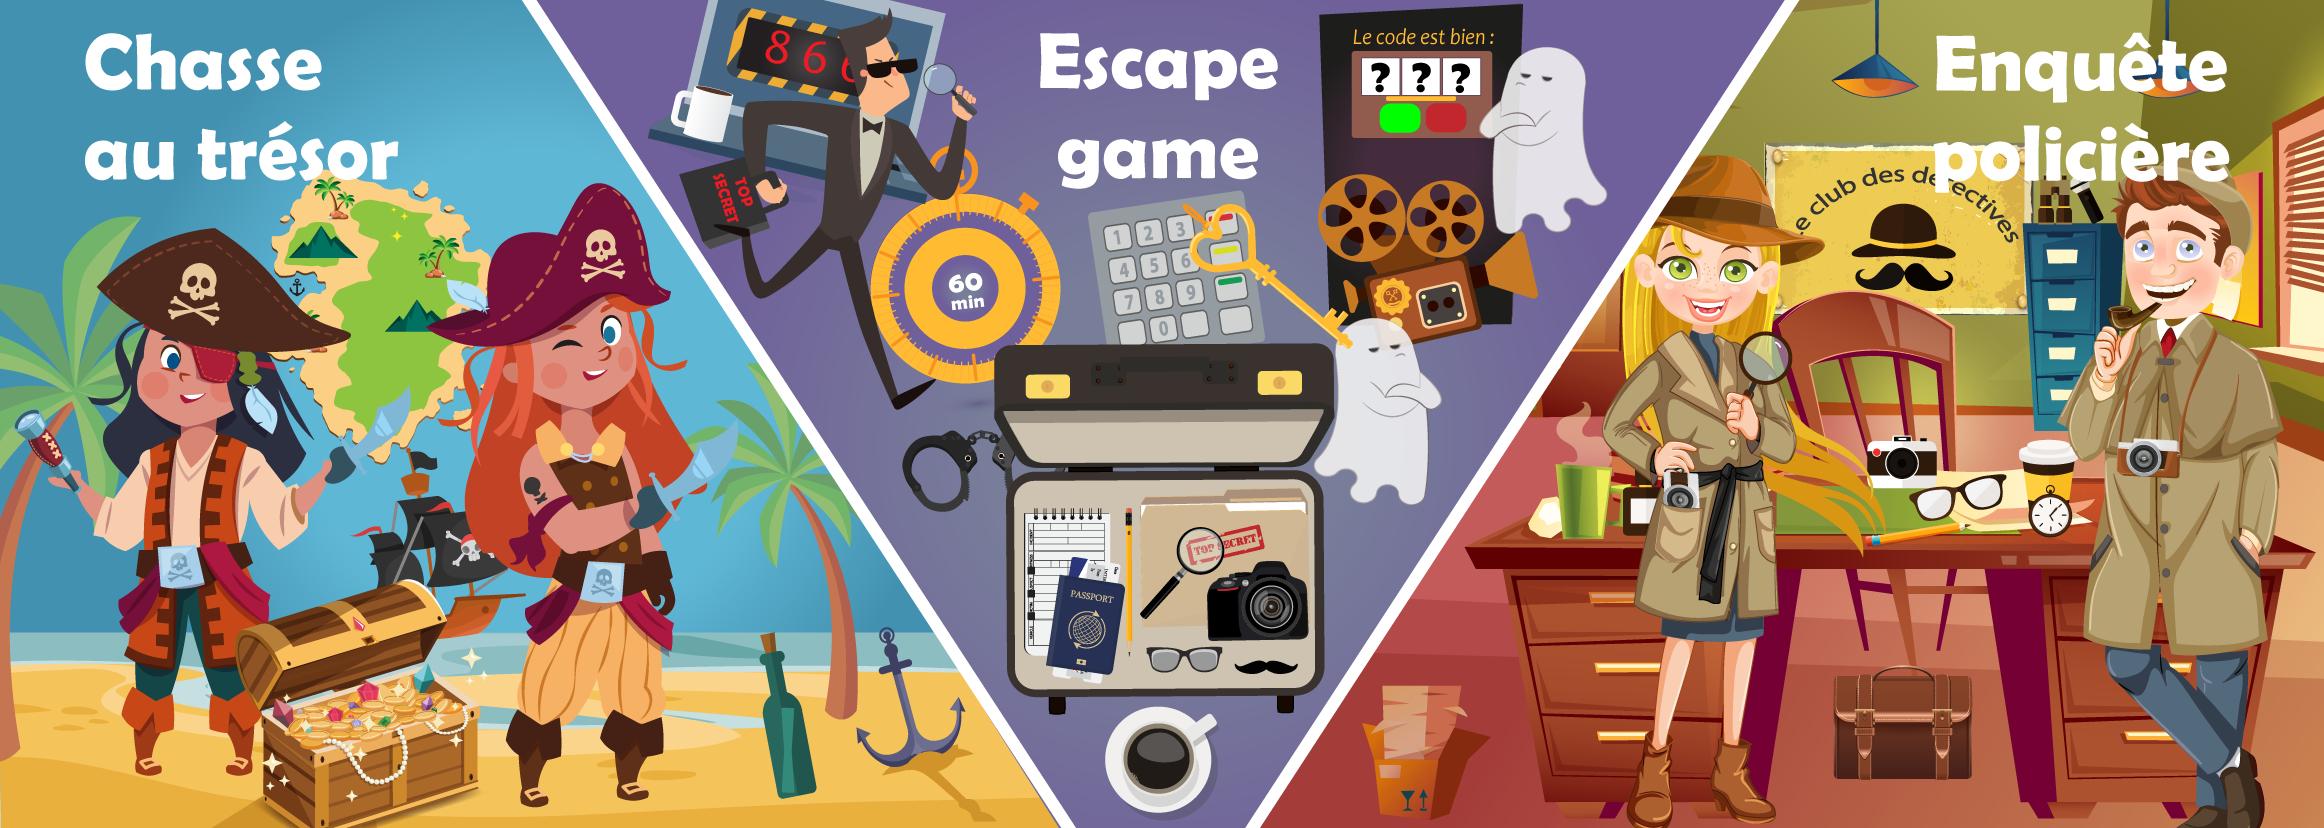 Jeux À Imprimer Ludiques Pour Les Enfants De 4 À 10 Ans concernant Jeux Educatif Gratuit Pour Fille De 5 Ans